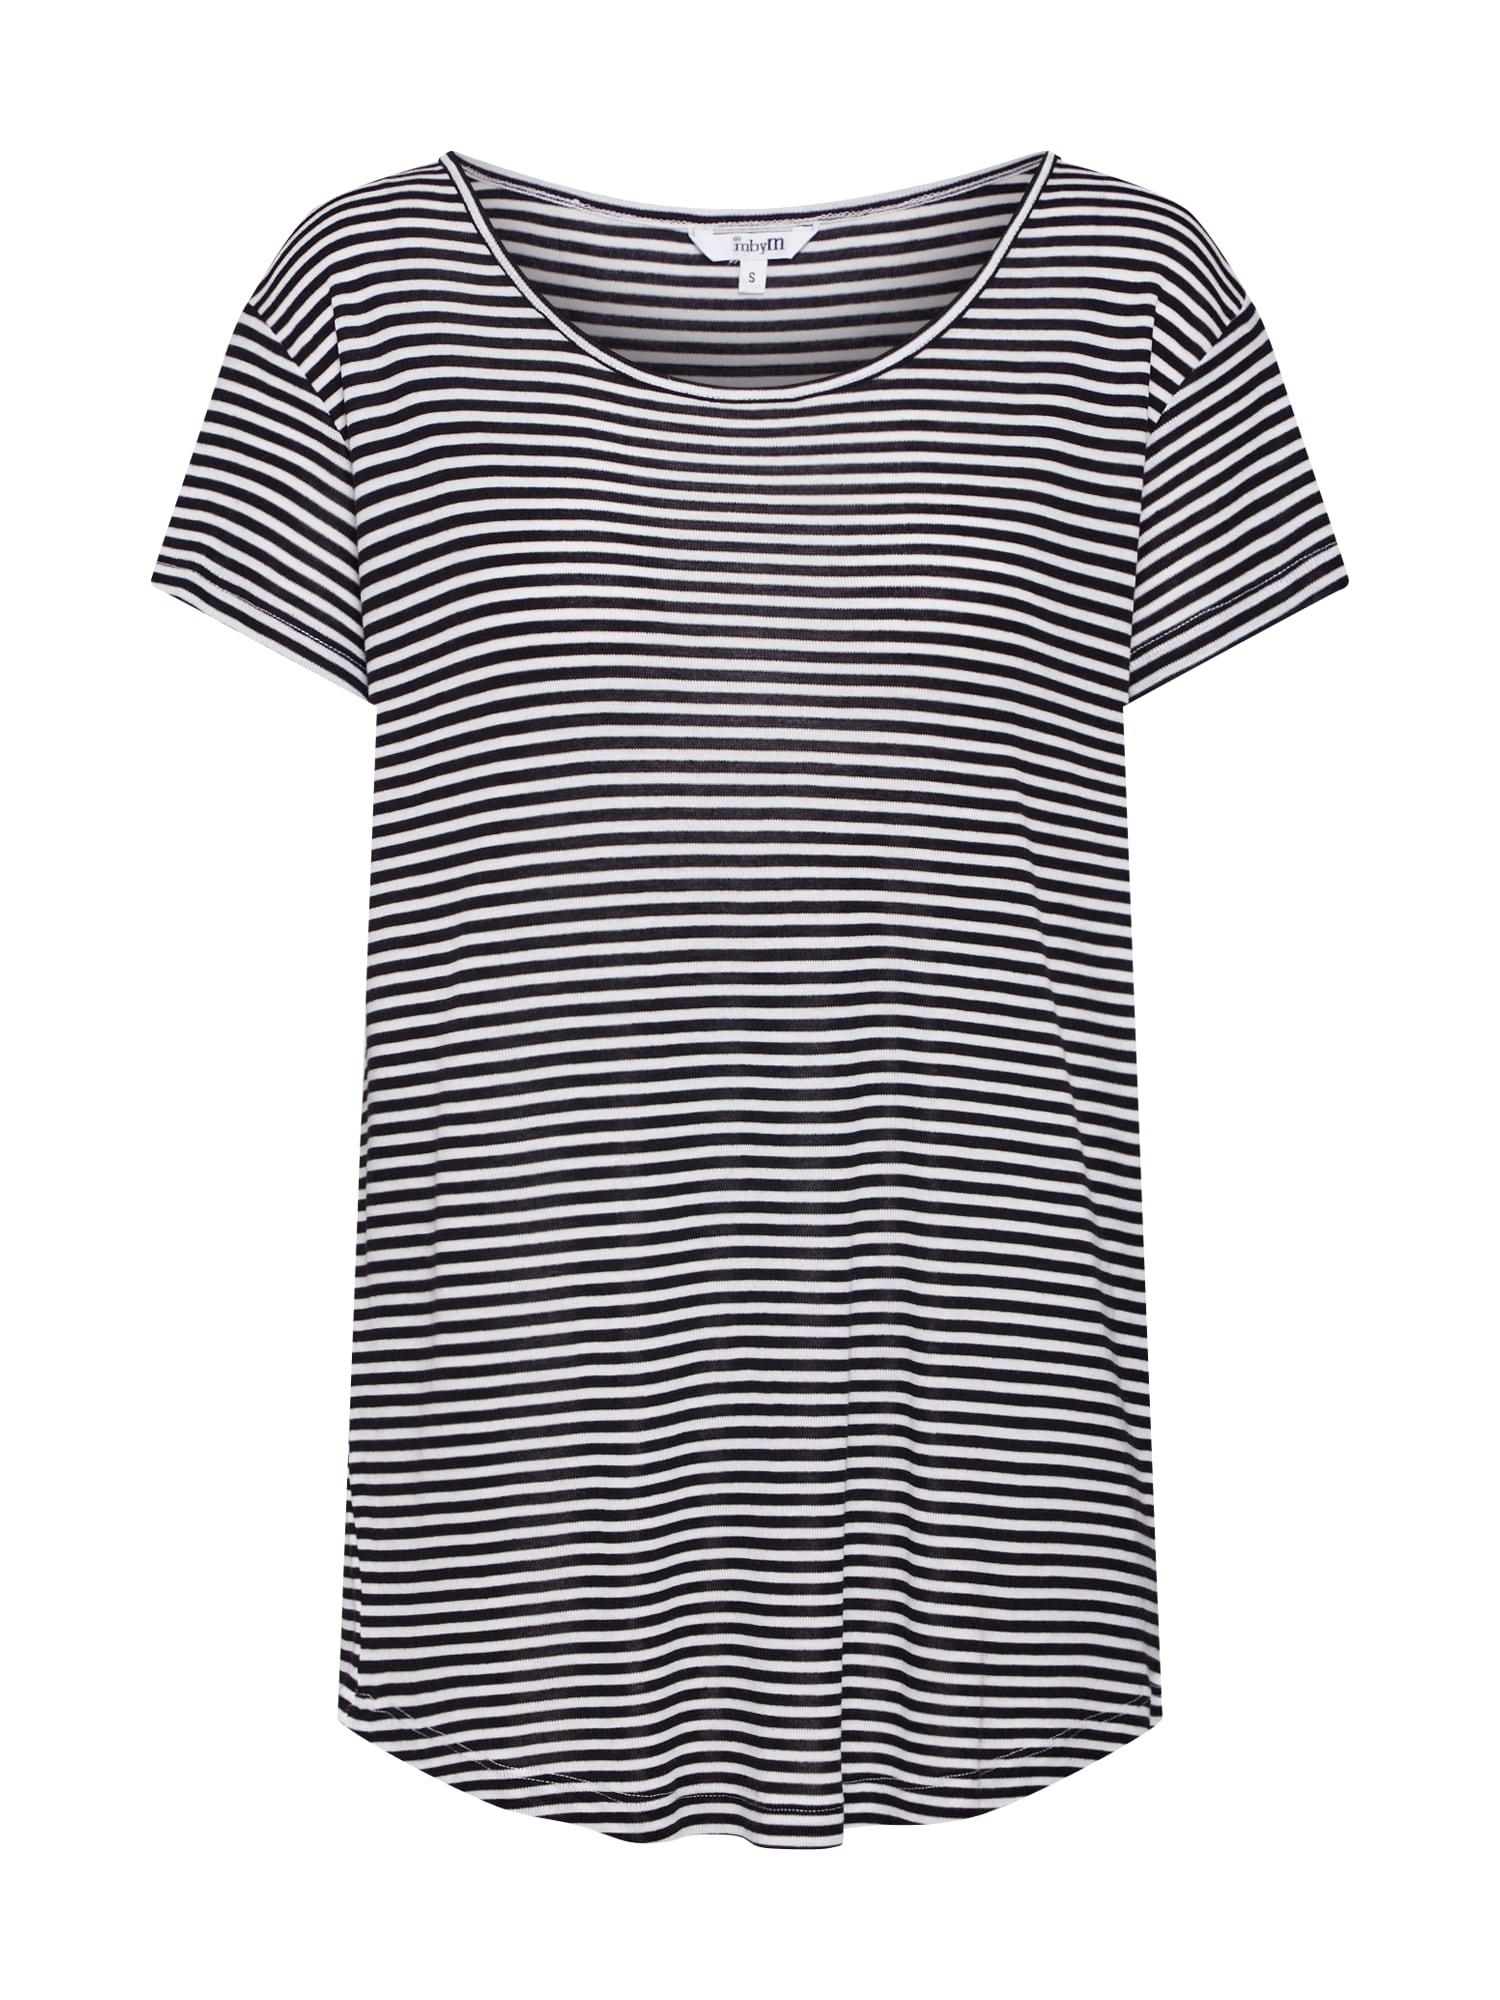 Tričko Lucianna krémová černá Mbym